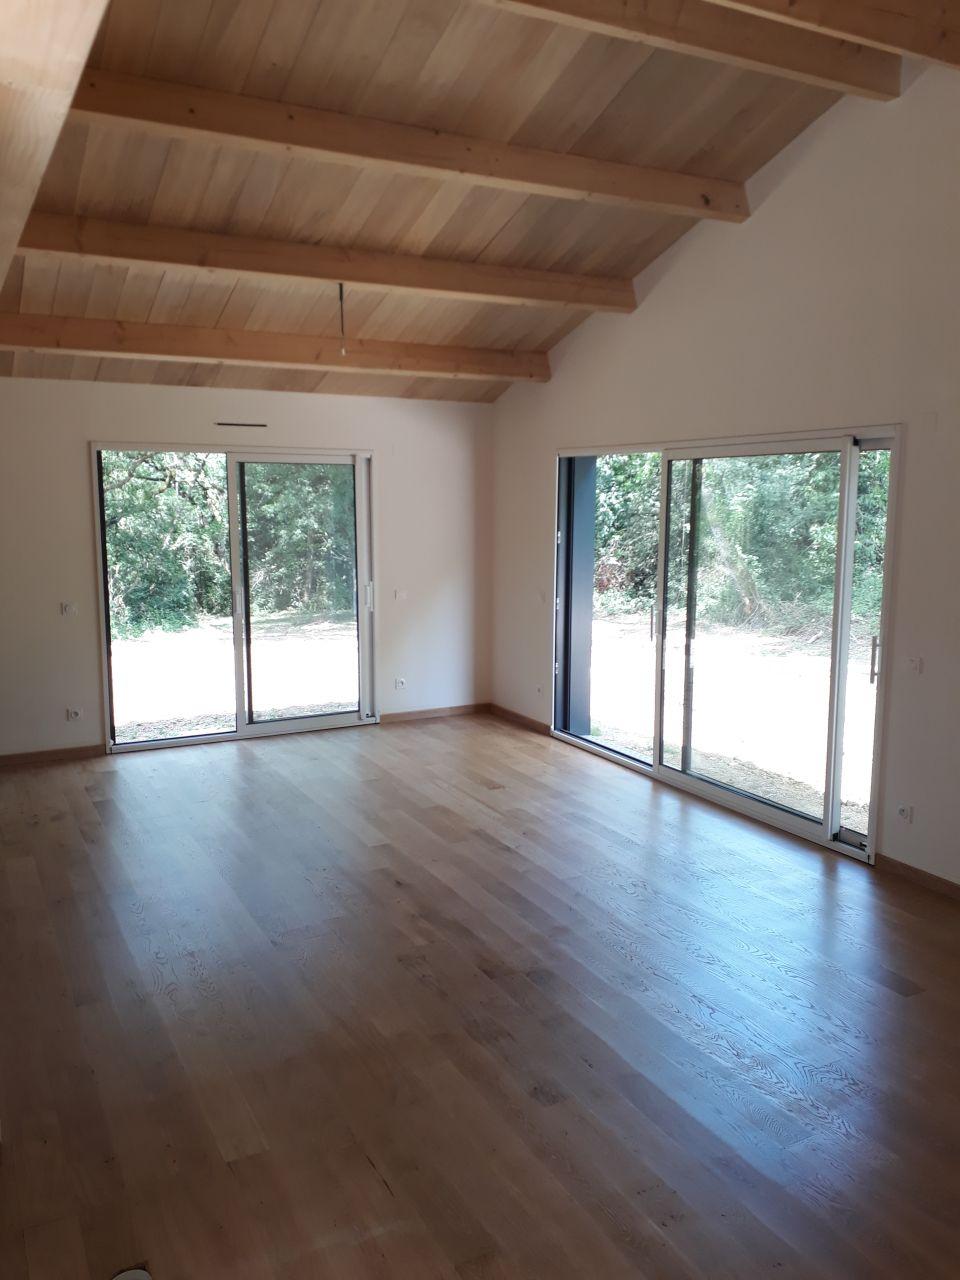 Le parquet chêne vitrifié dans le salon/salle à manger